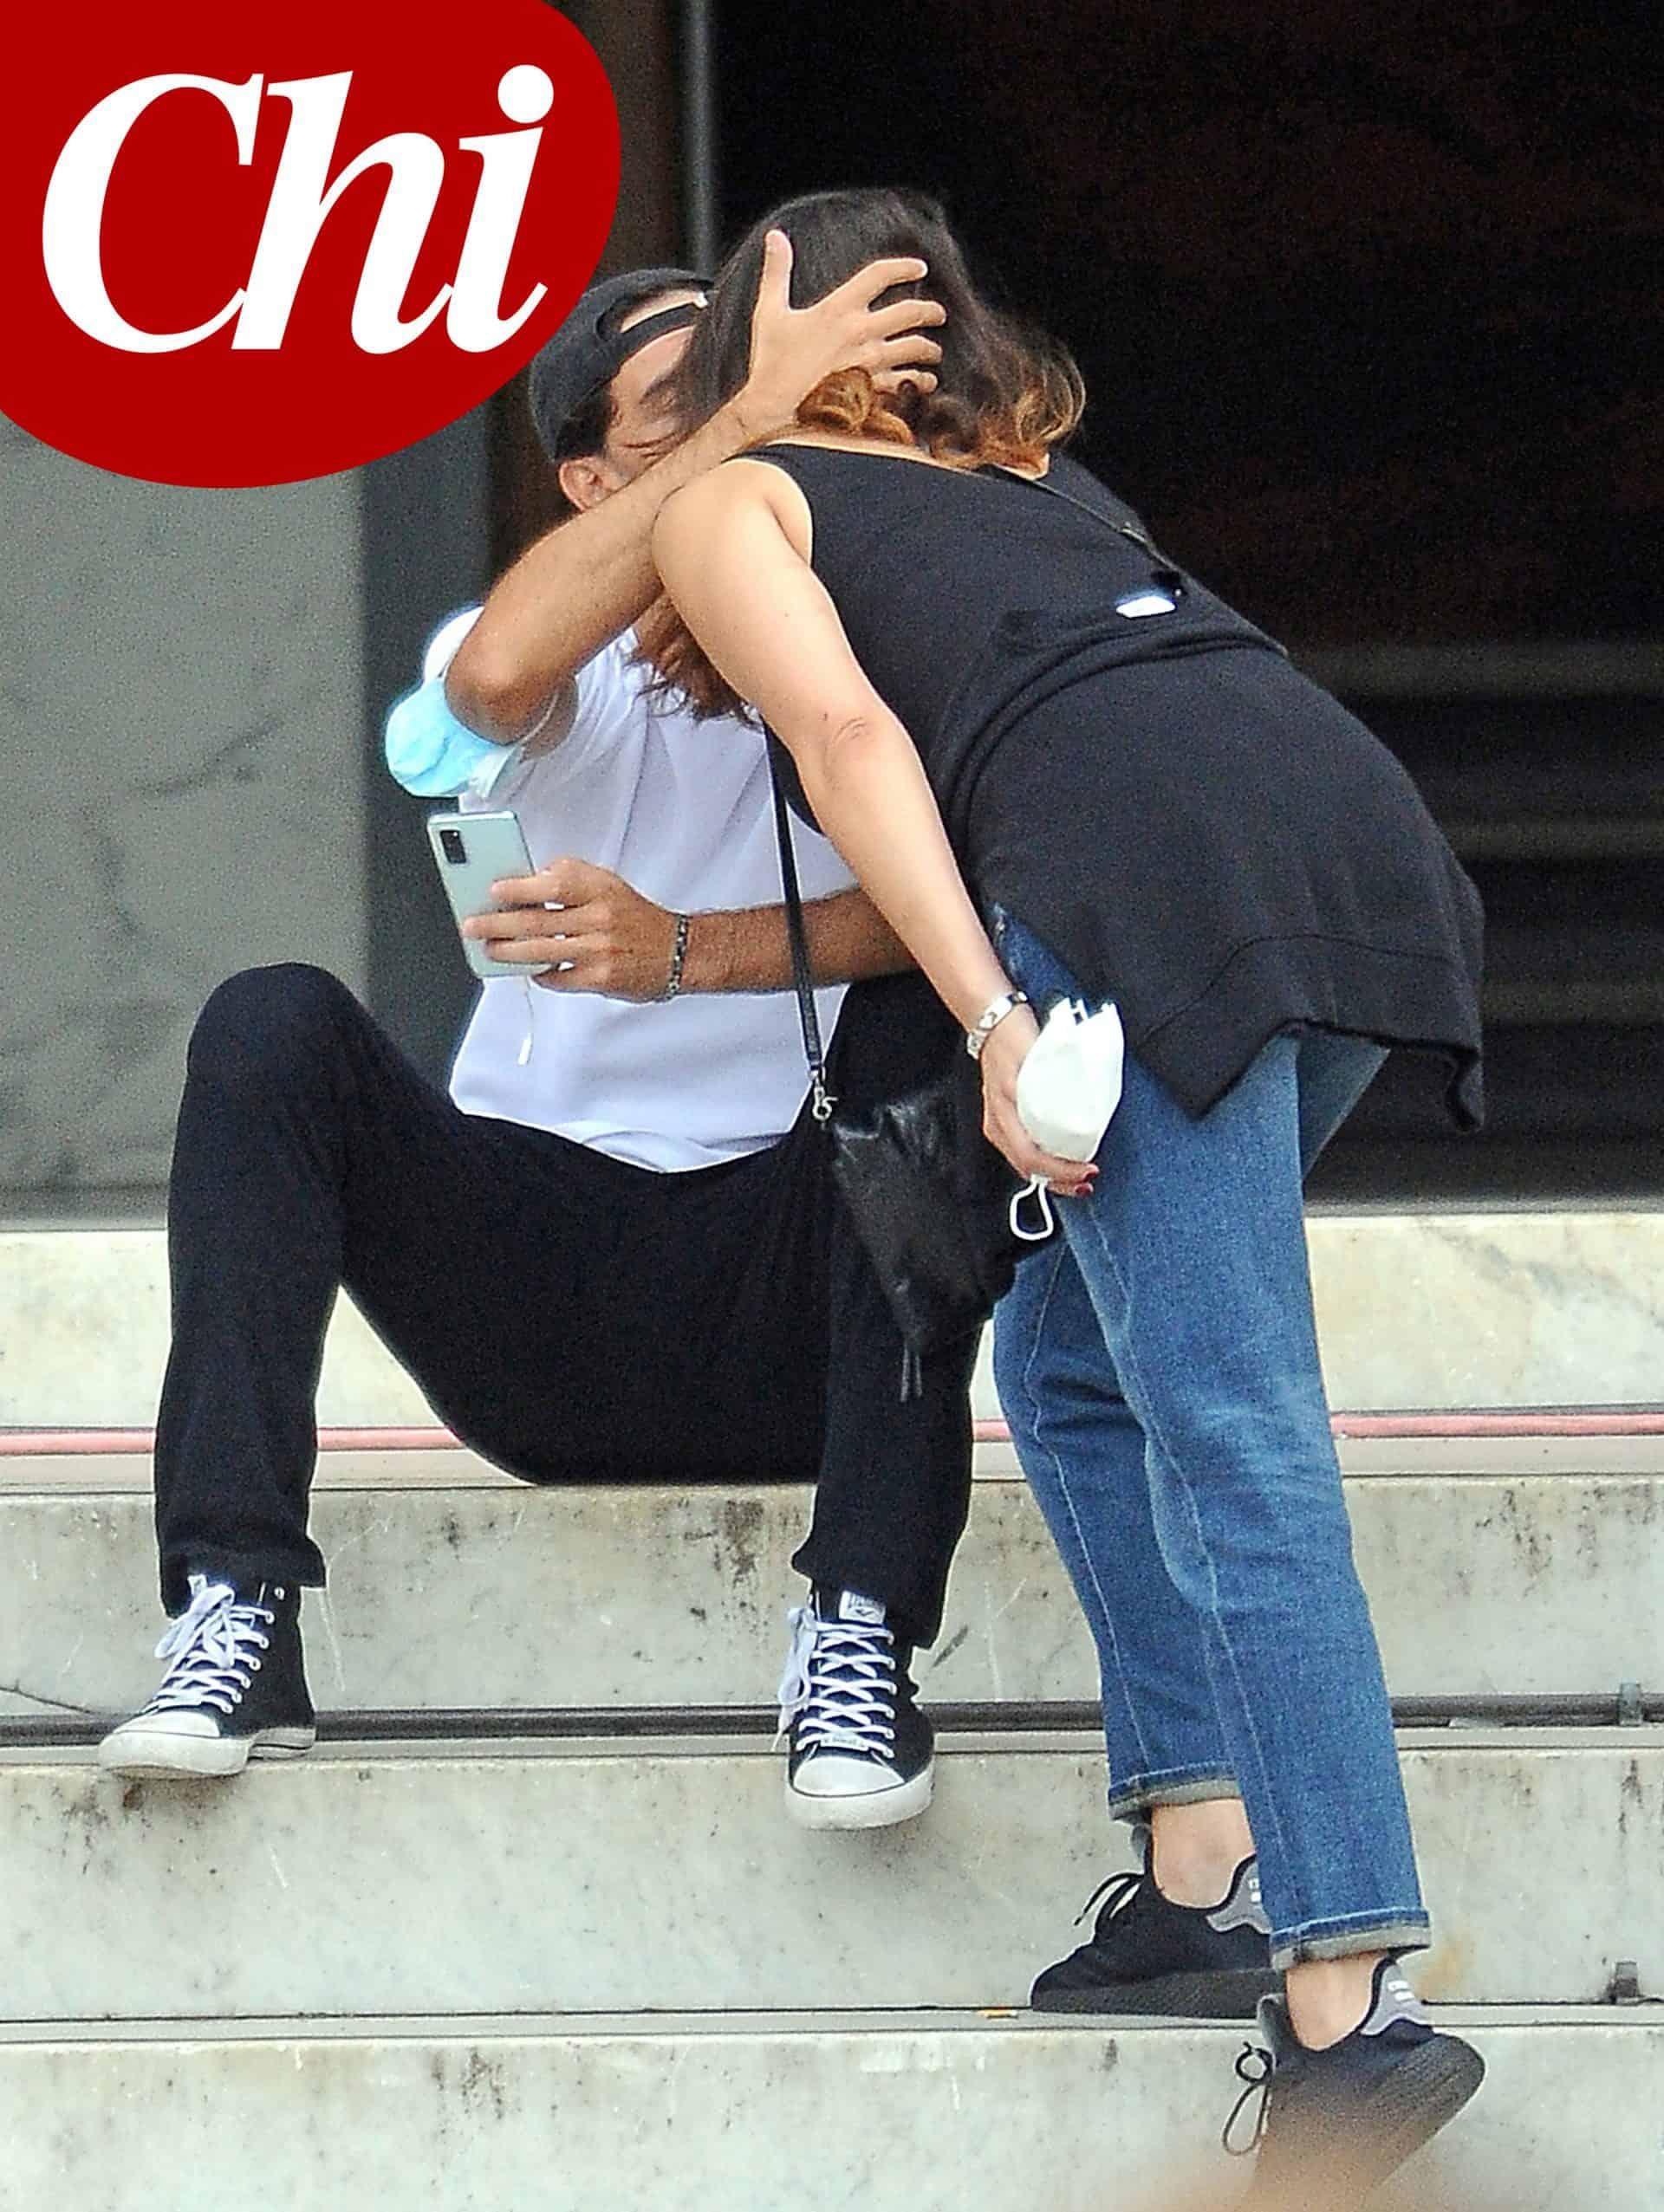 Elisa Isoardi e Raimondo Todaro bacio o non bacio su Chi? (FOTO)